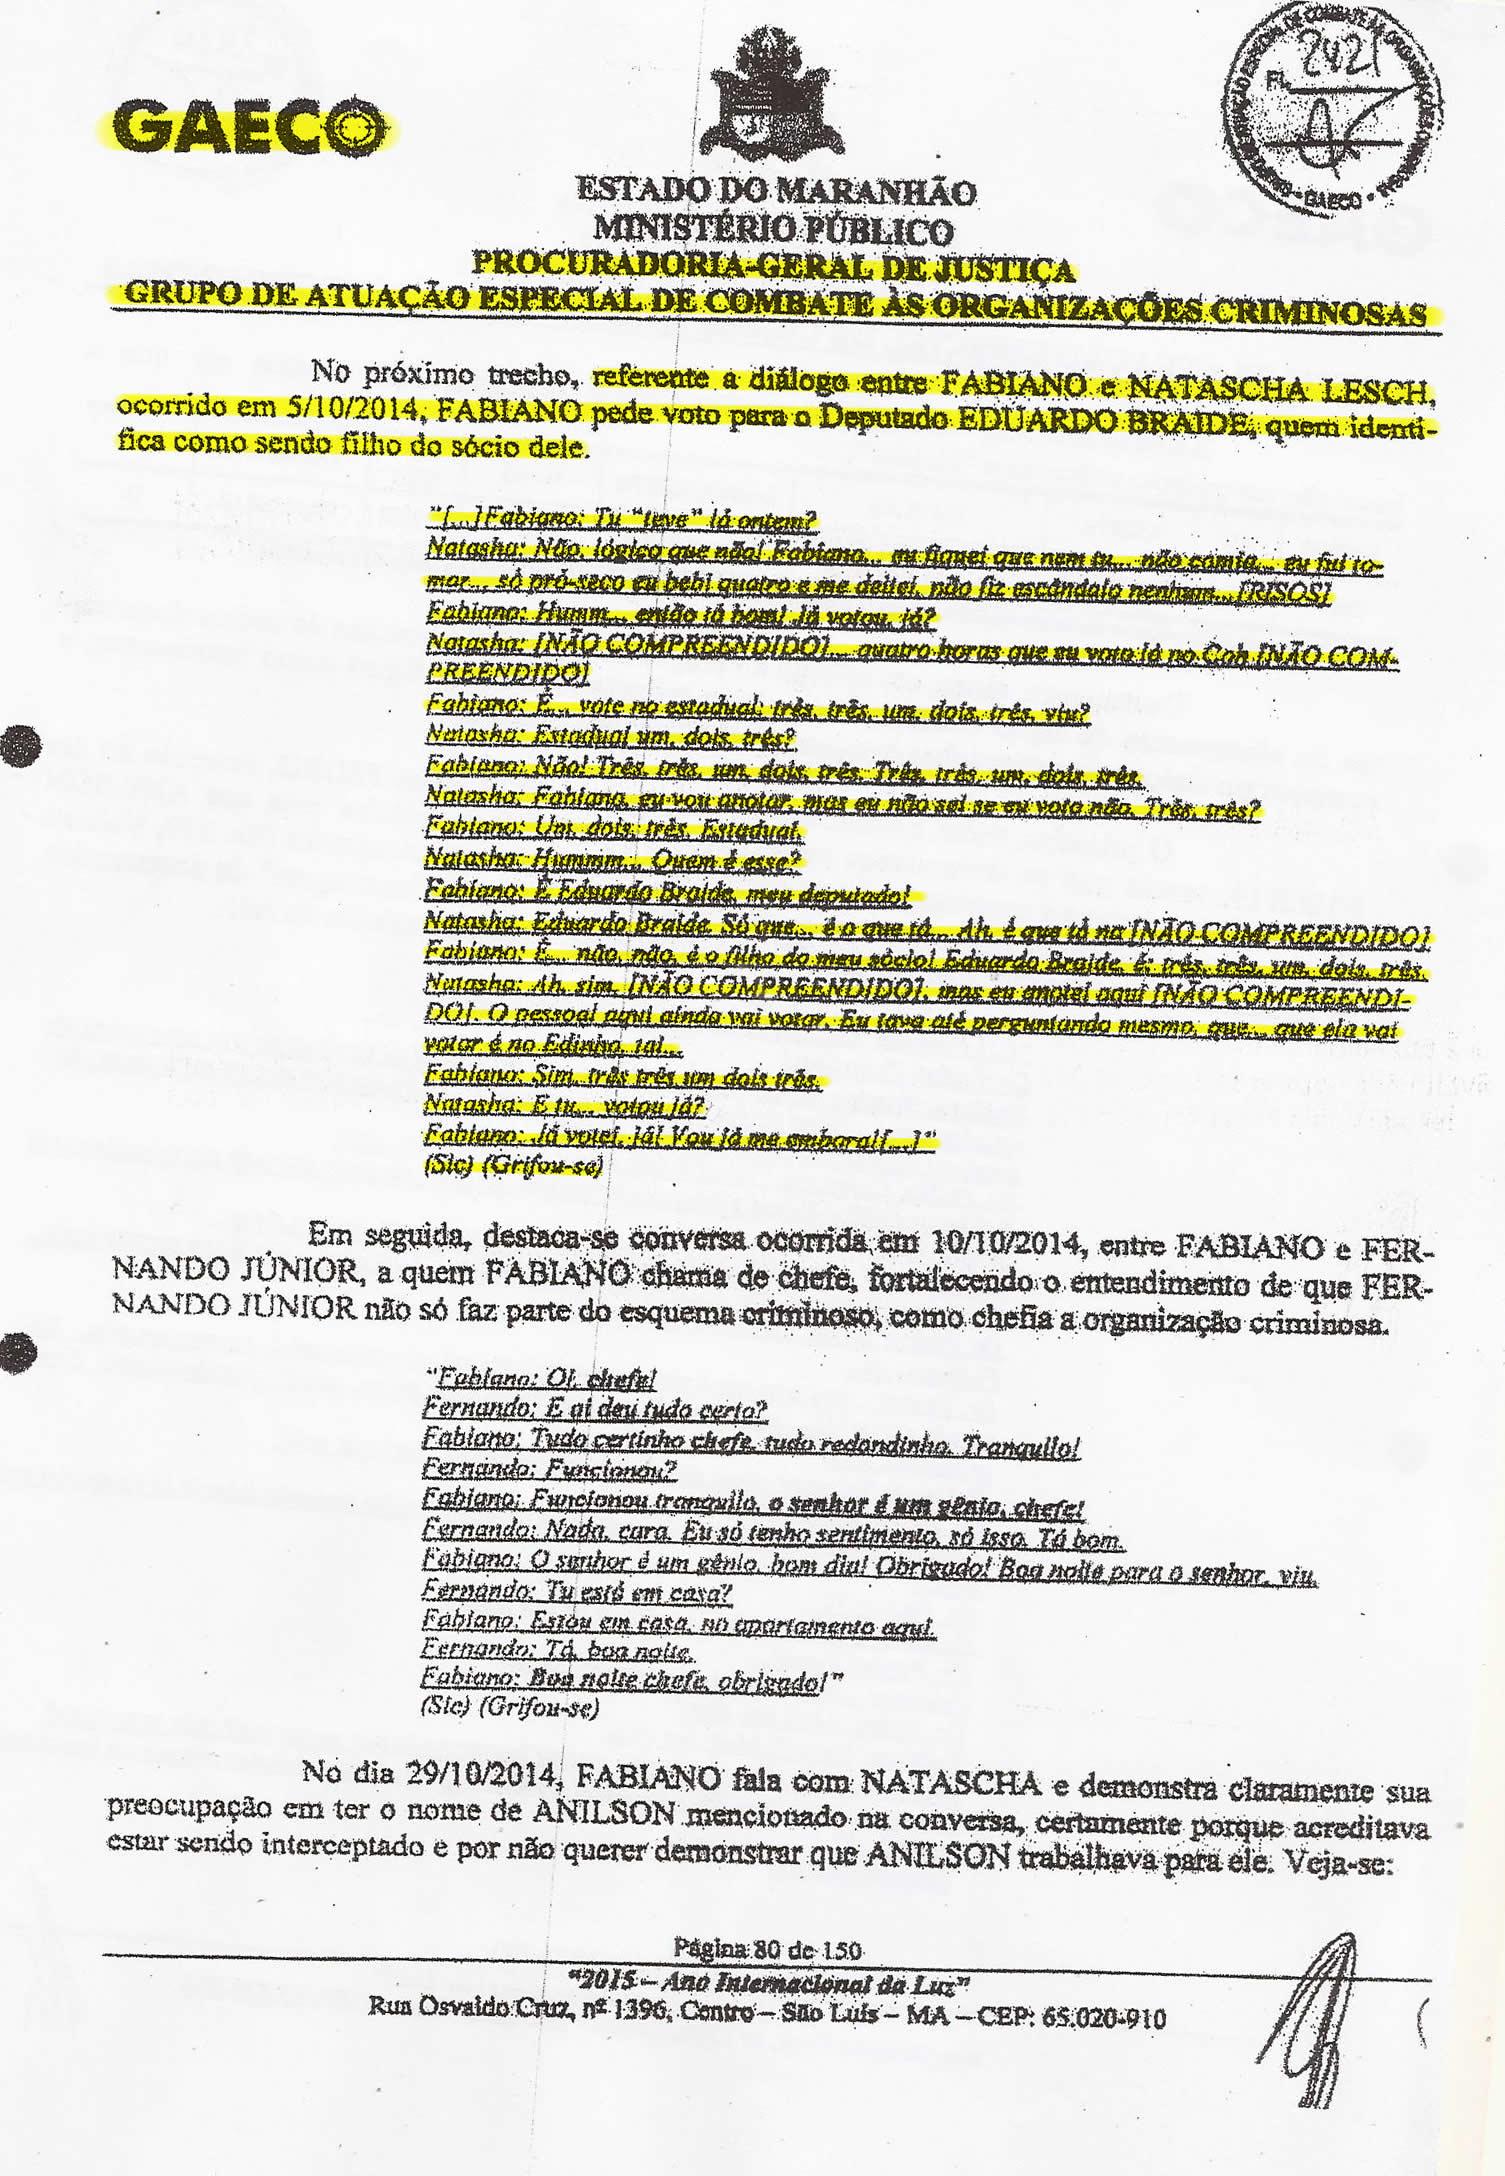 Folha 80 do PIC Gaeco mostra diálogo entre Fabiano e Natasha, onde é pedido à esposa que vote em Eduardo Braide para deputado estadual